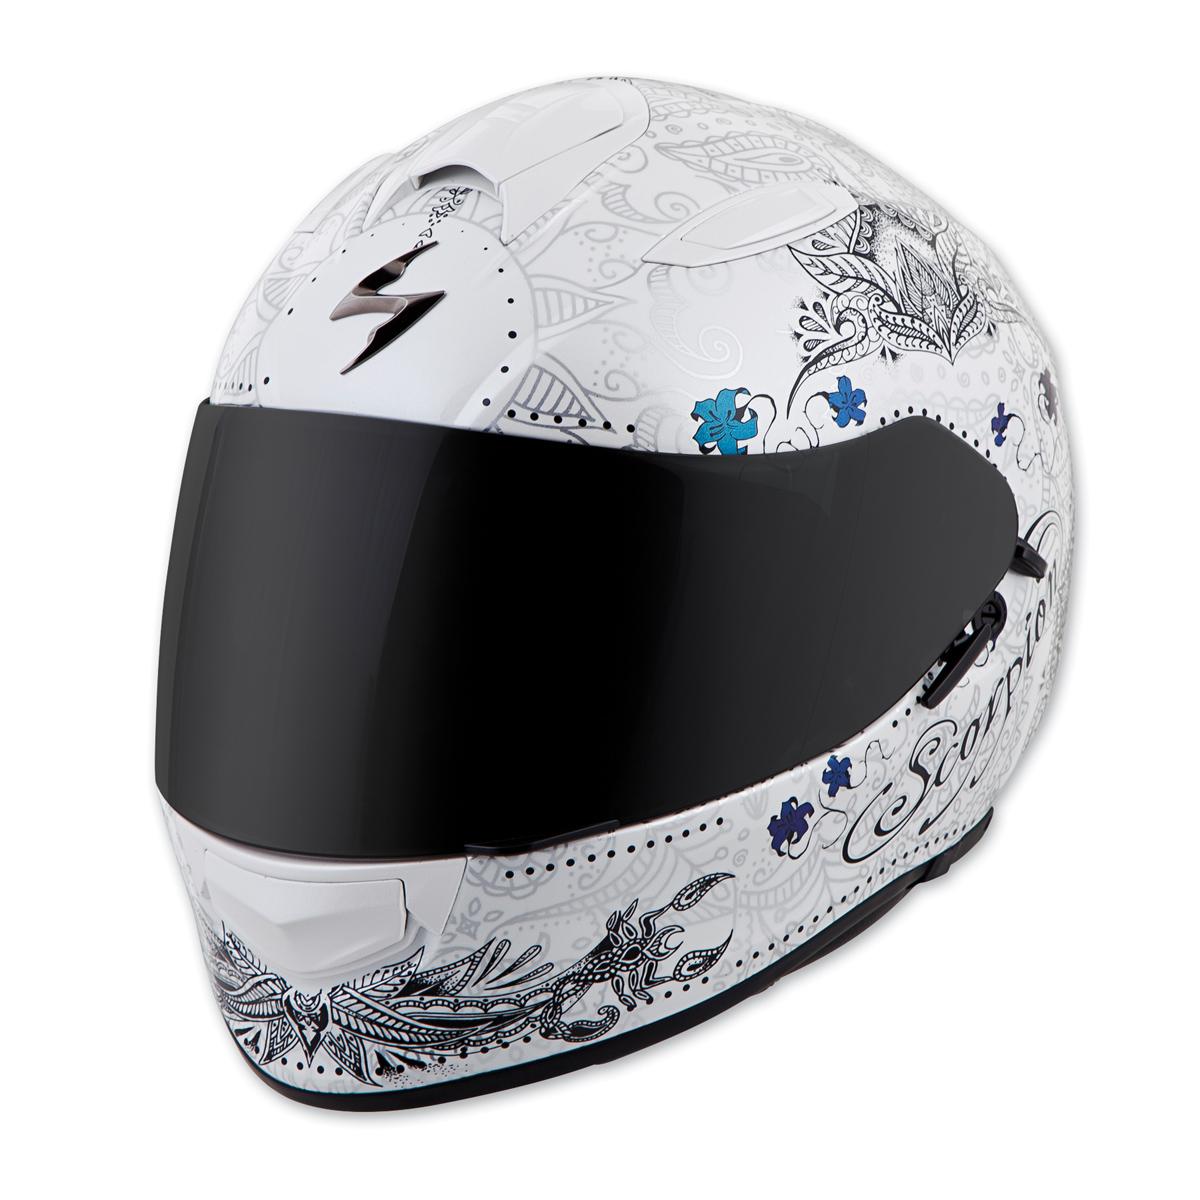 Scorpion EXO EXO-T510 Azalea White/Silver Full Face Helmet